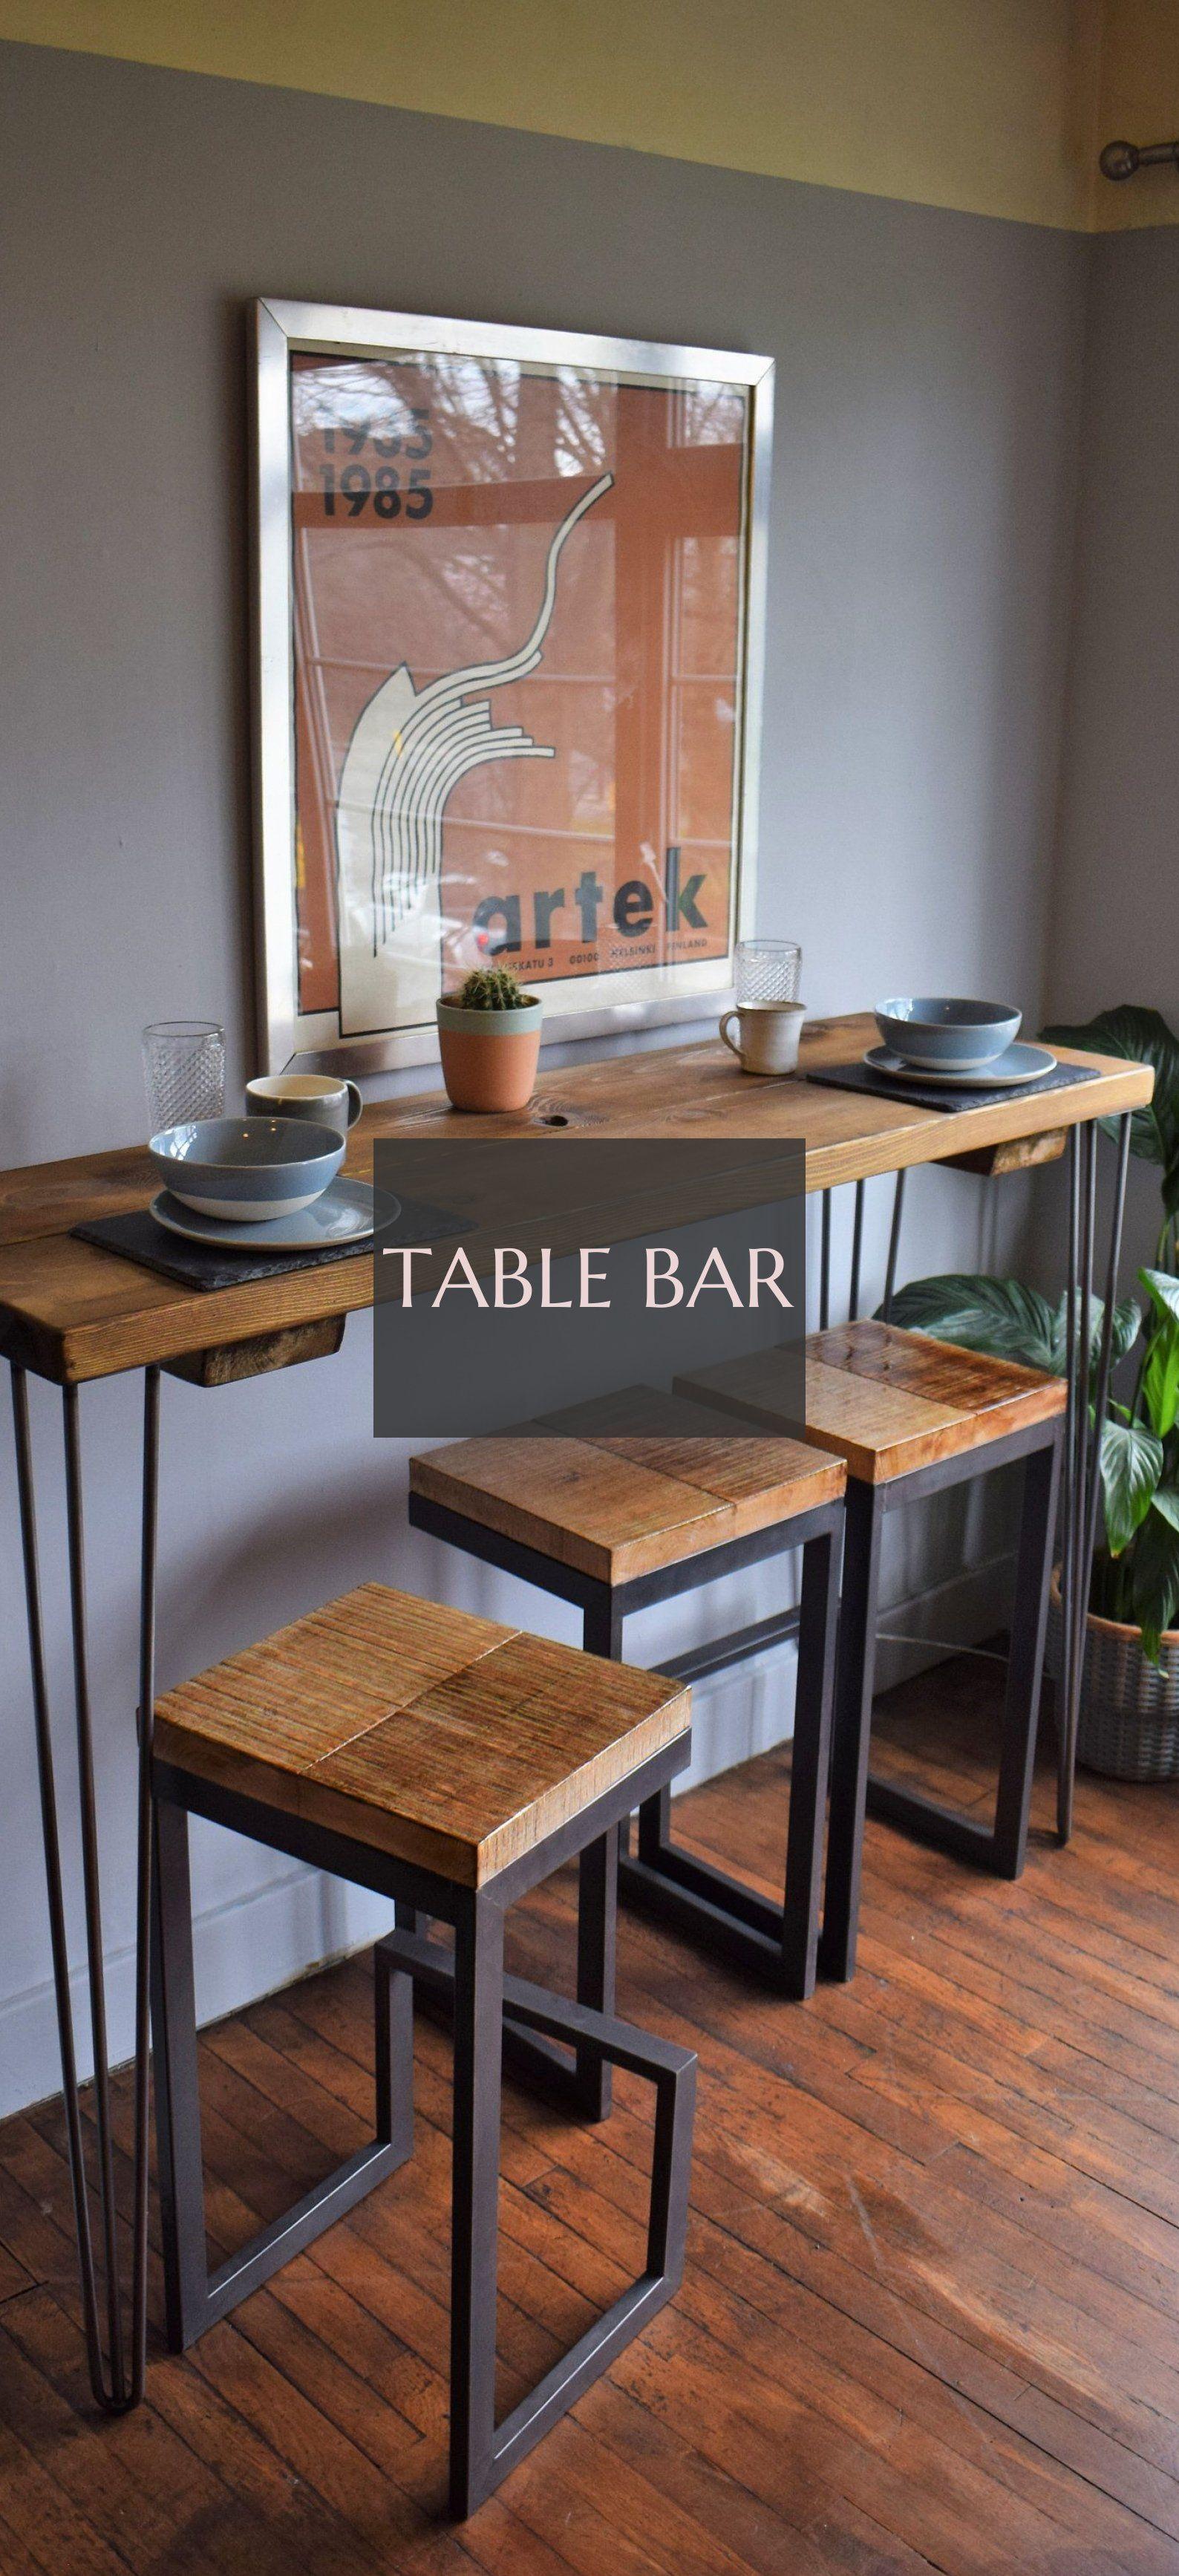 Table Bar Tischbar Table Industrial Table Marble Table Cafe Kitchen Bar Table Kitchen Breakfast Bar Stools Breakfast Bar Kitchen